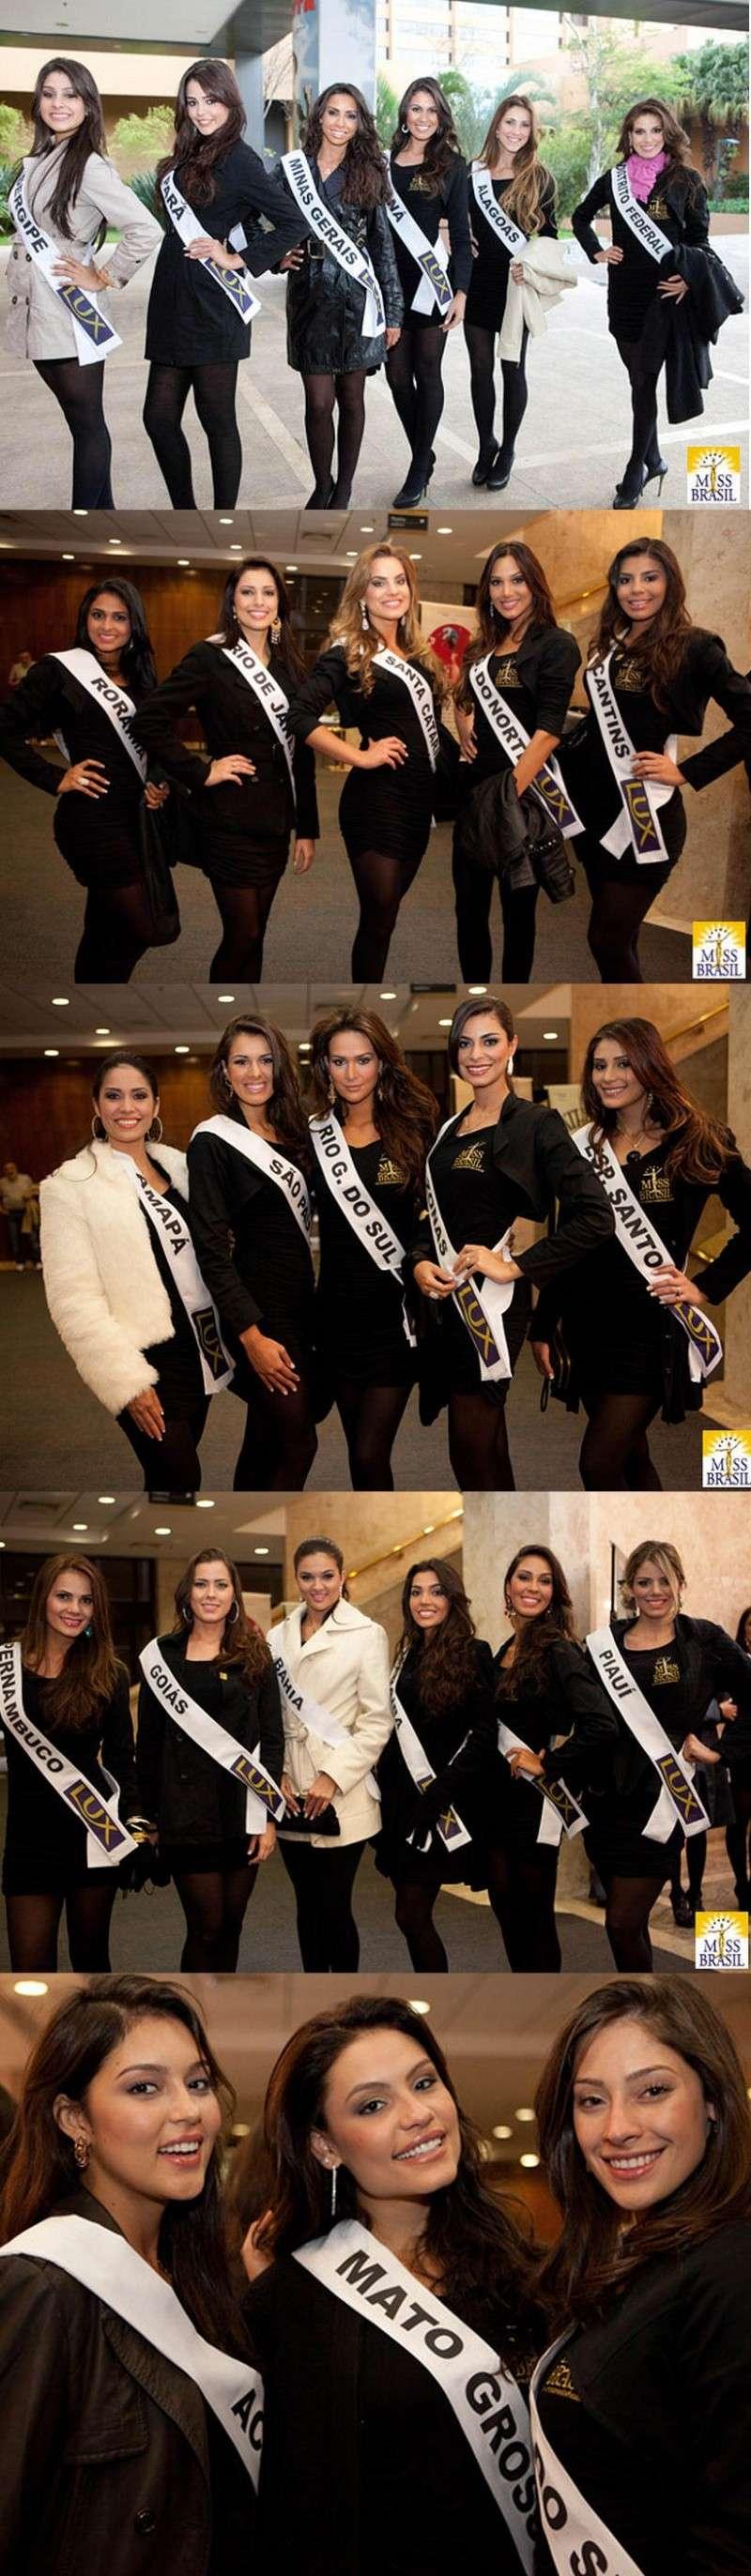 Road to Miss Brazil Univ 2011- Rio Grande do Sul won 1410